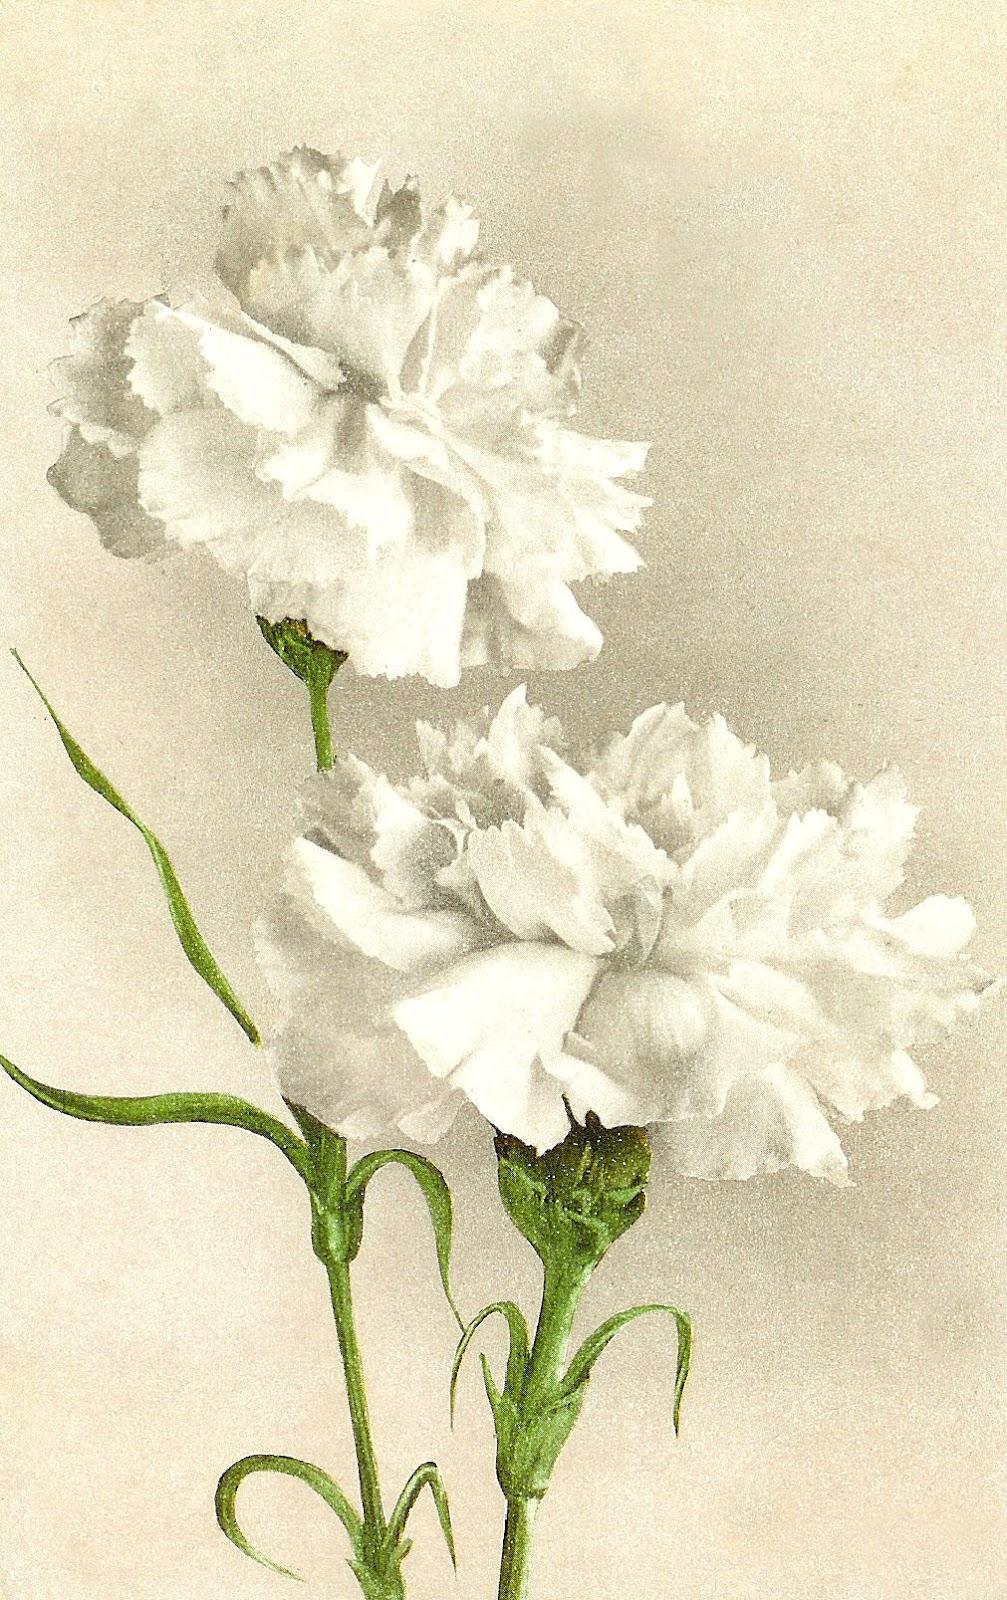 Antique Image: Vintage Flower Clip Art: White Carnation on.